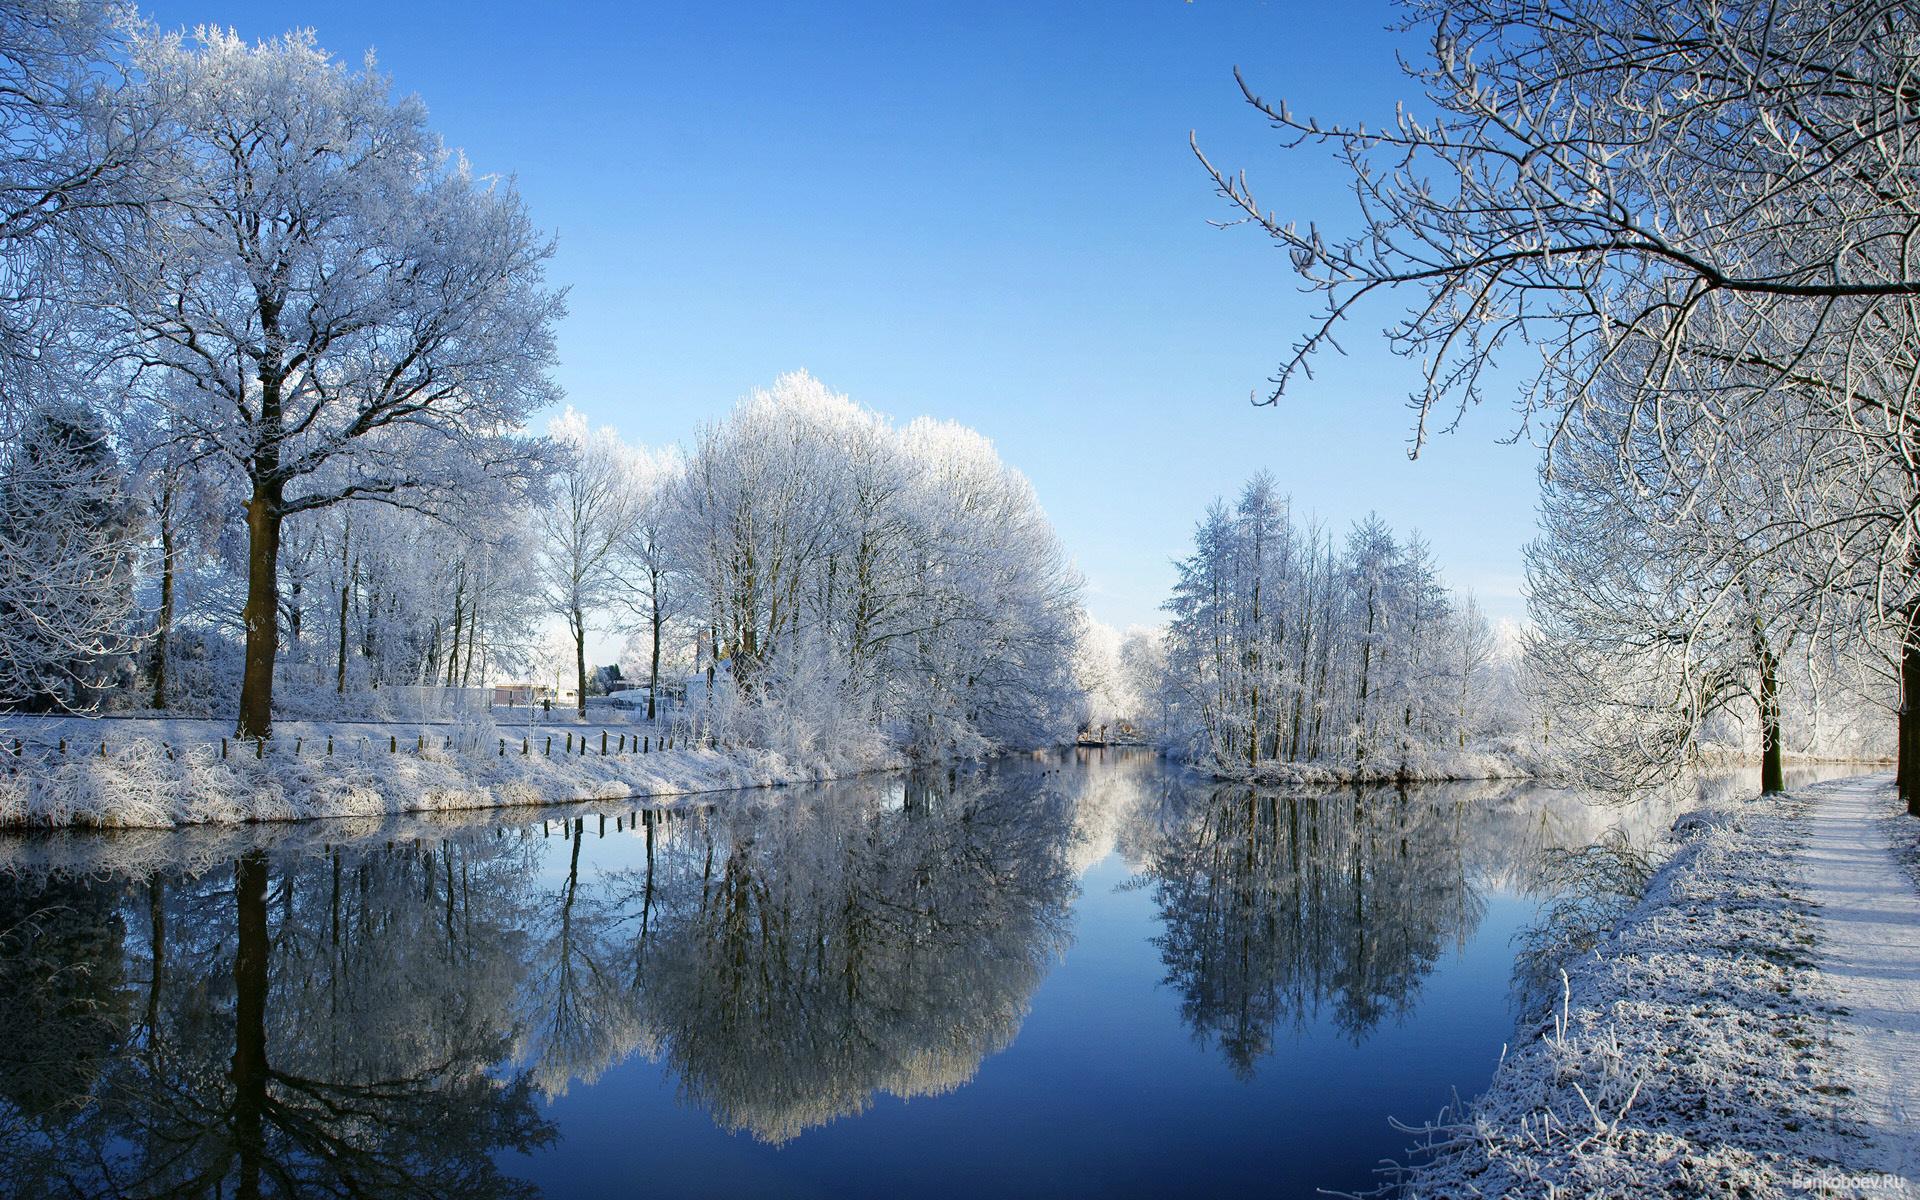 картинки для телефона красивые природа зима можно